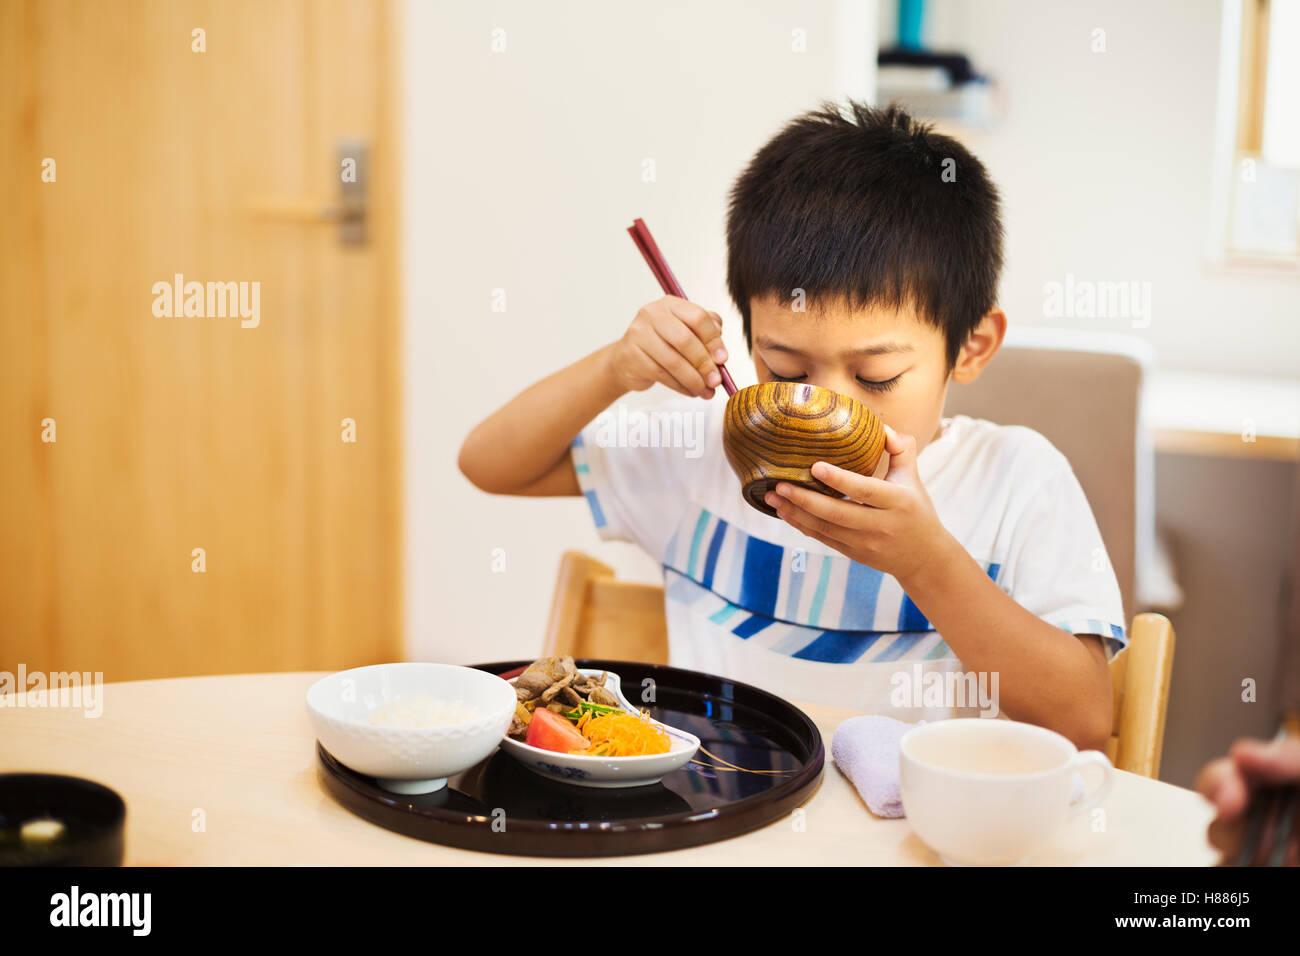 Casa di famiglia. Un ragazzo di mangiare un pasto. Immagini Stock